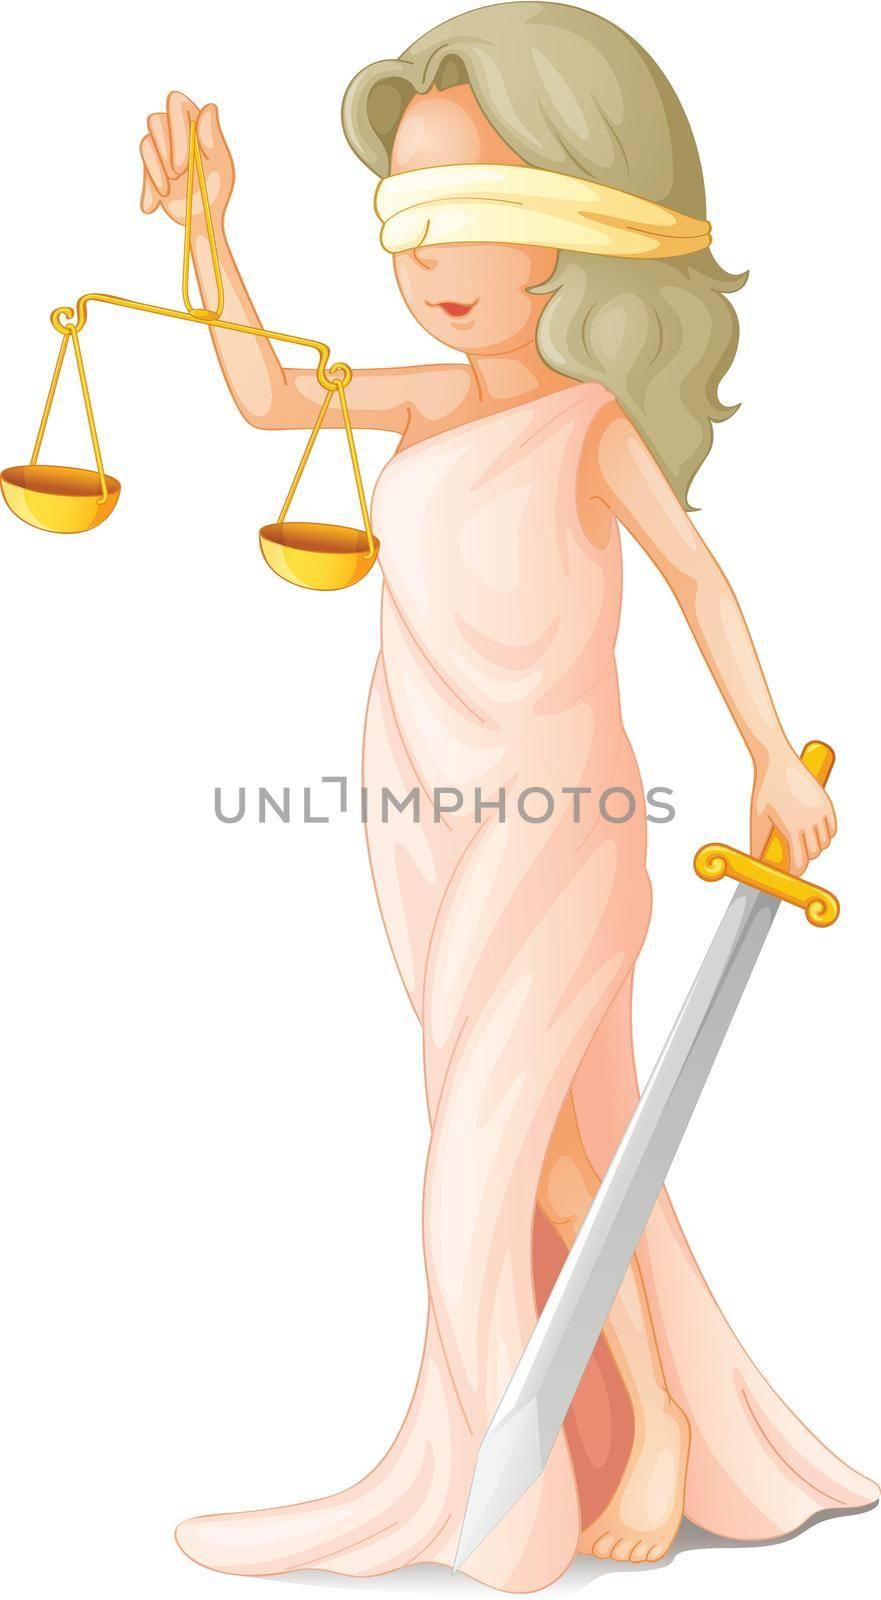 Illustration of blind justice concept